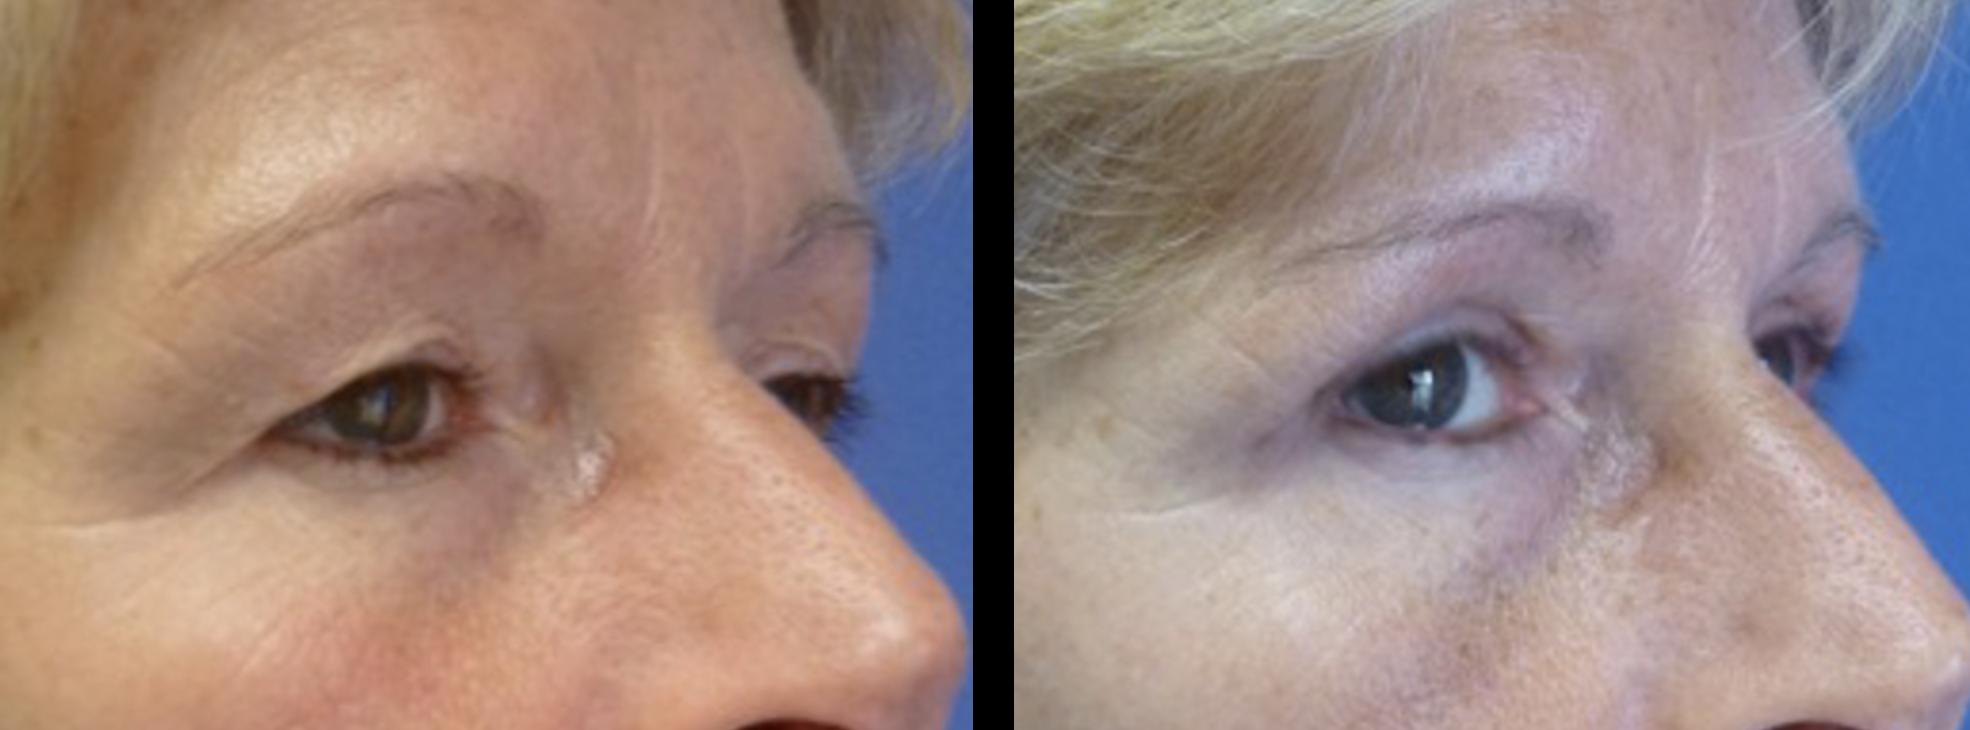 bovenste ooglidcorrectie voor en na